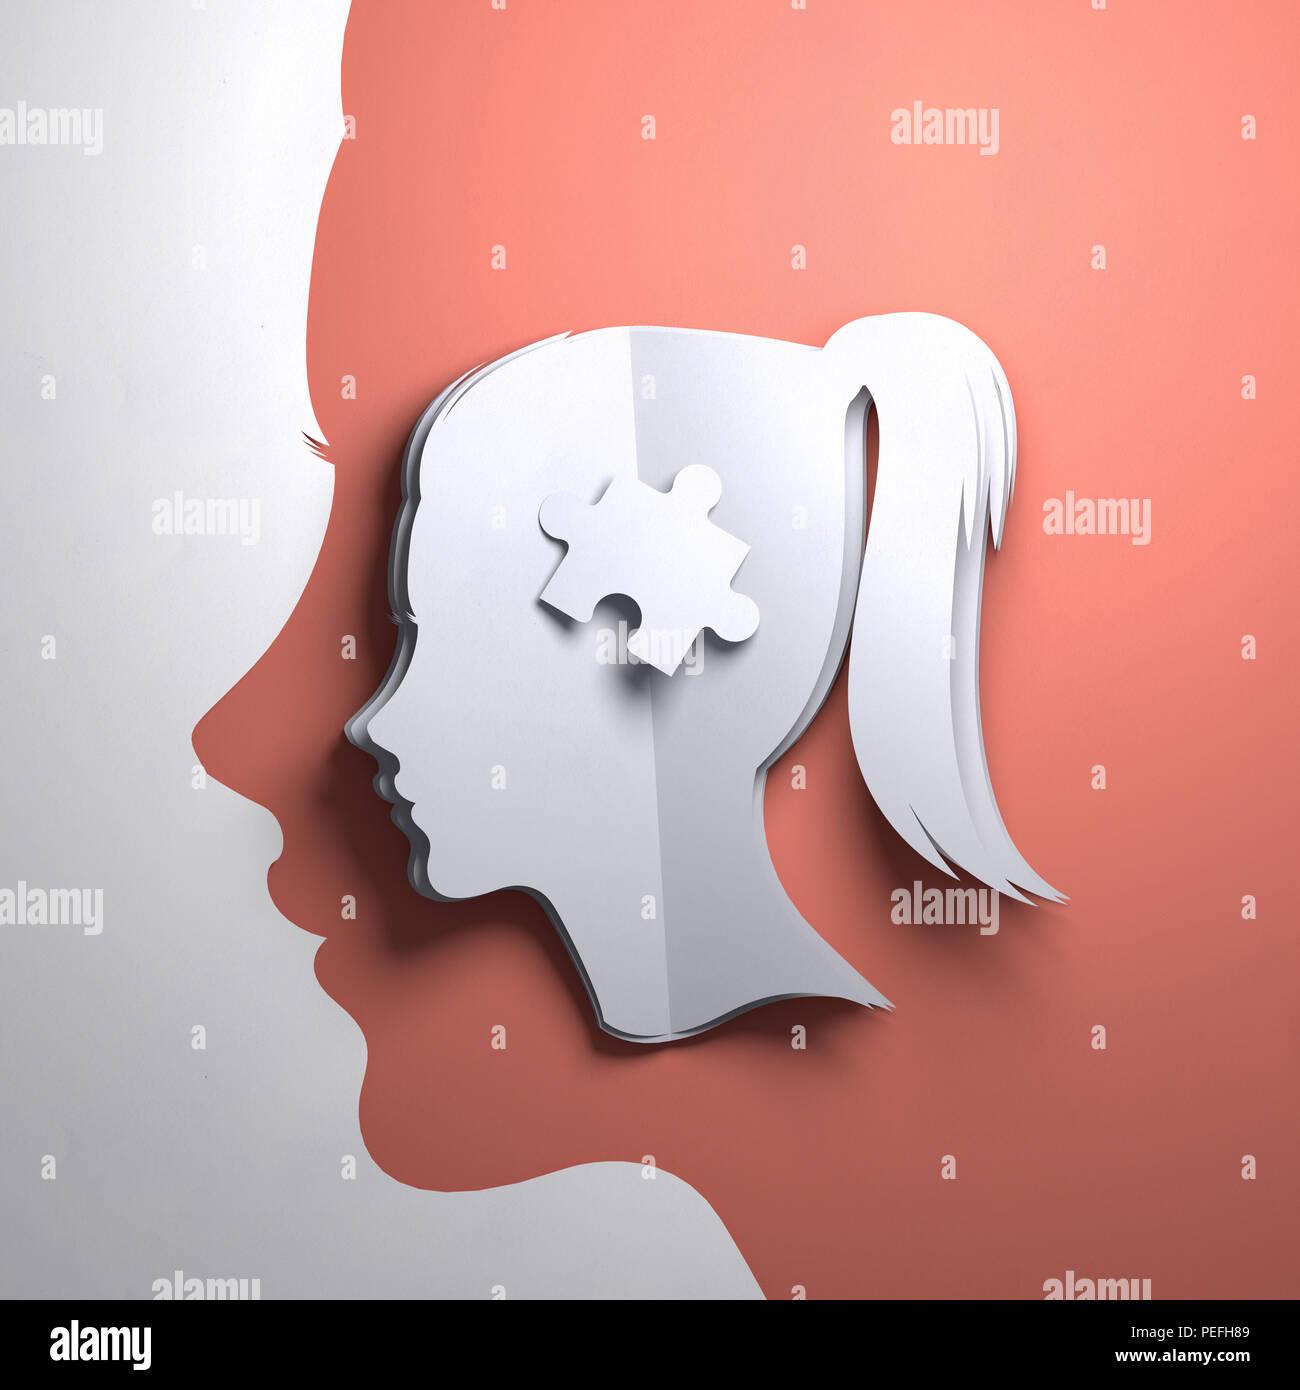 Papier plié origami. La silhouette d'une tête de femme avec une pièce du puzzle. Mindfulness conceptuel 3D illustration. Photo Stock